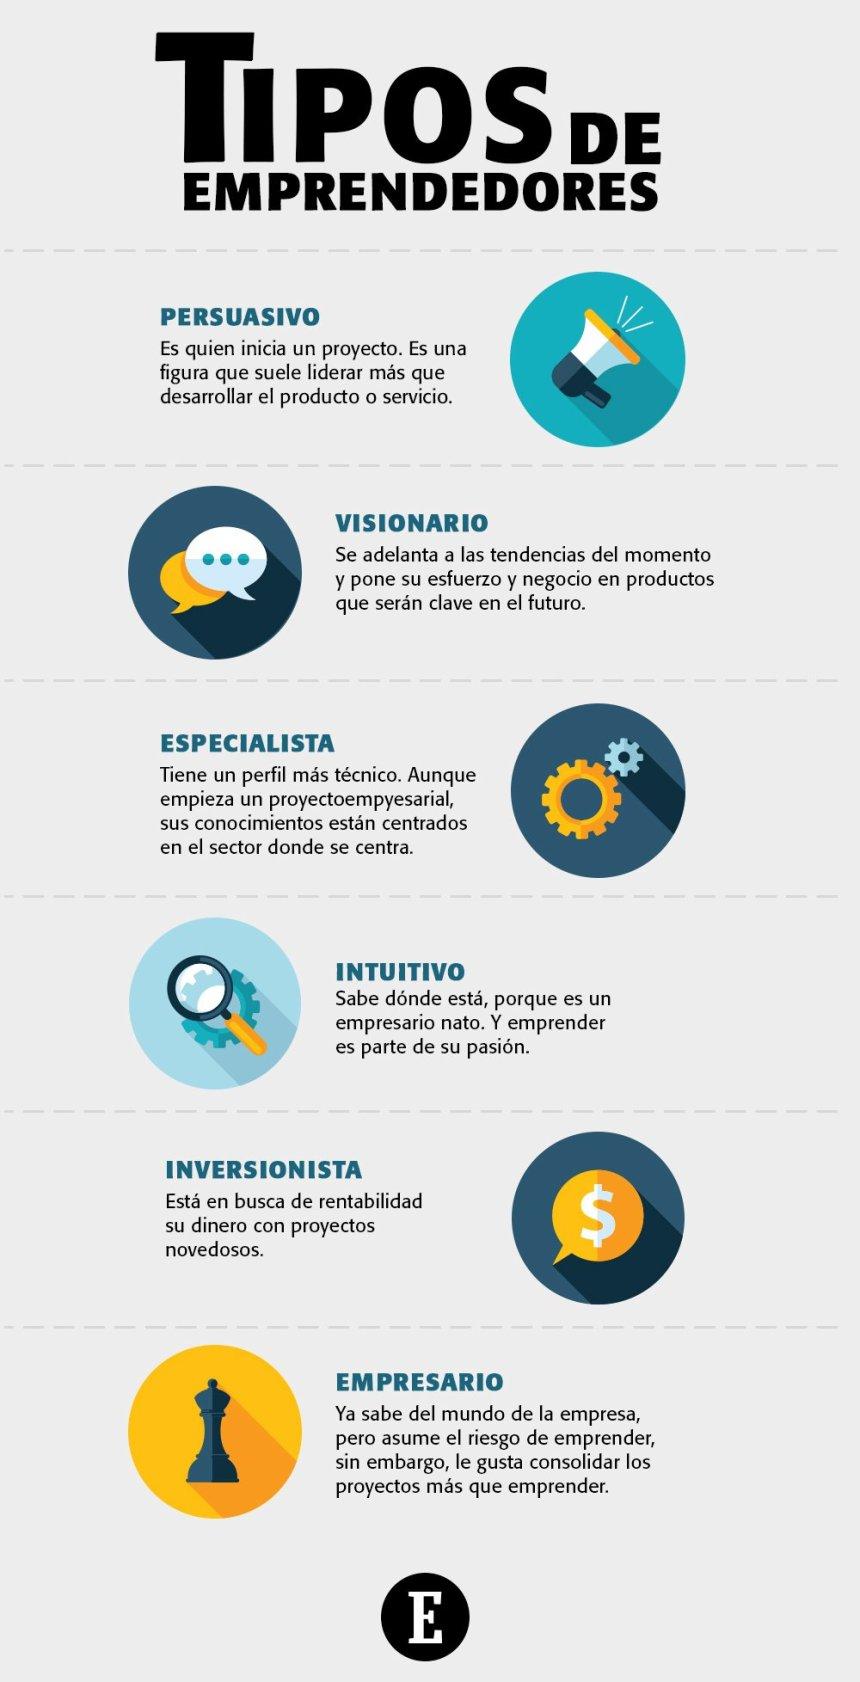 6 tipos de Emprendedores #infografia #infographic #entrepreneurship